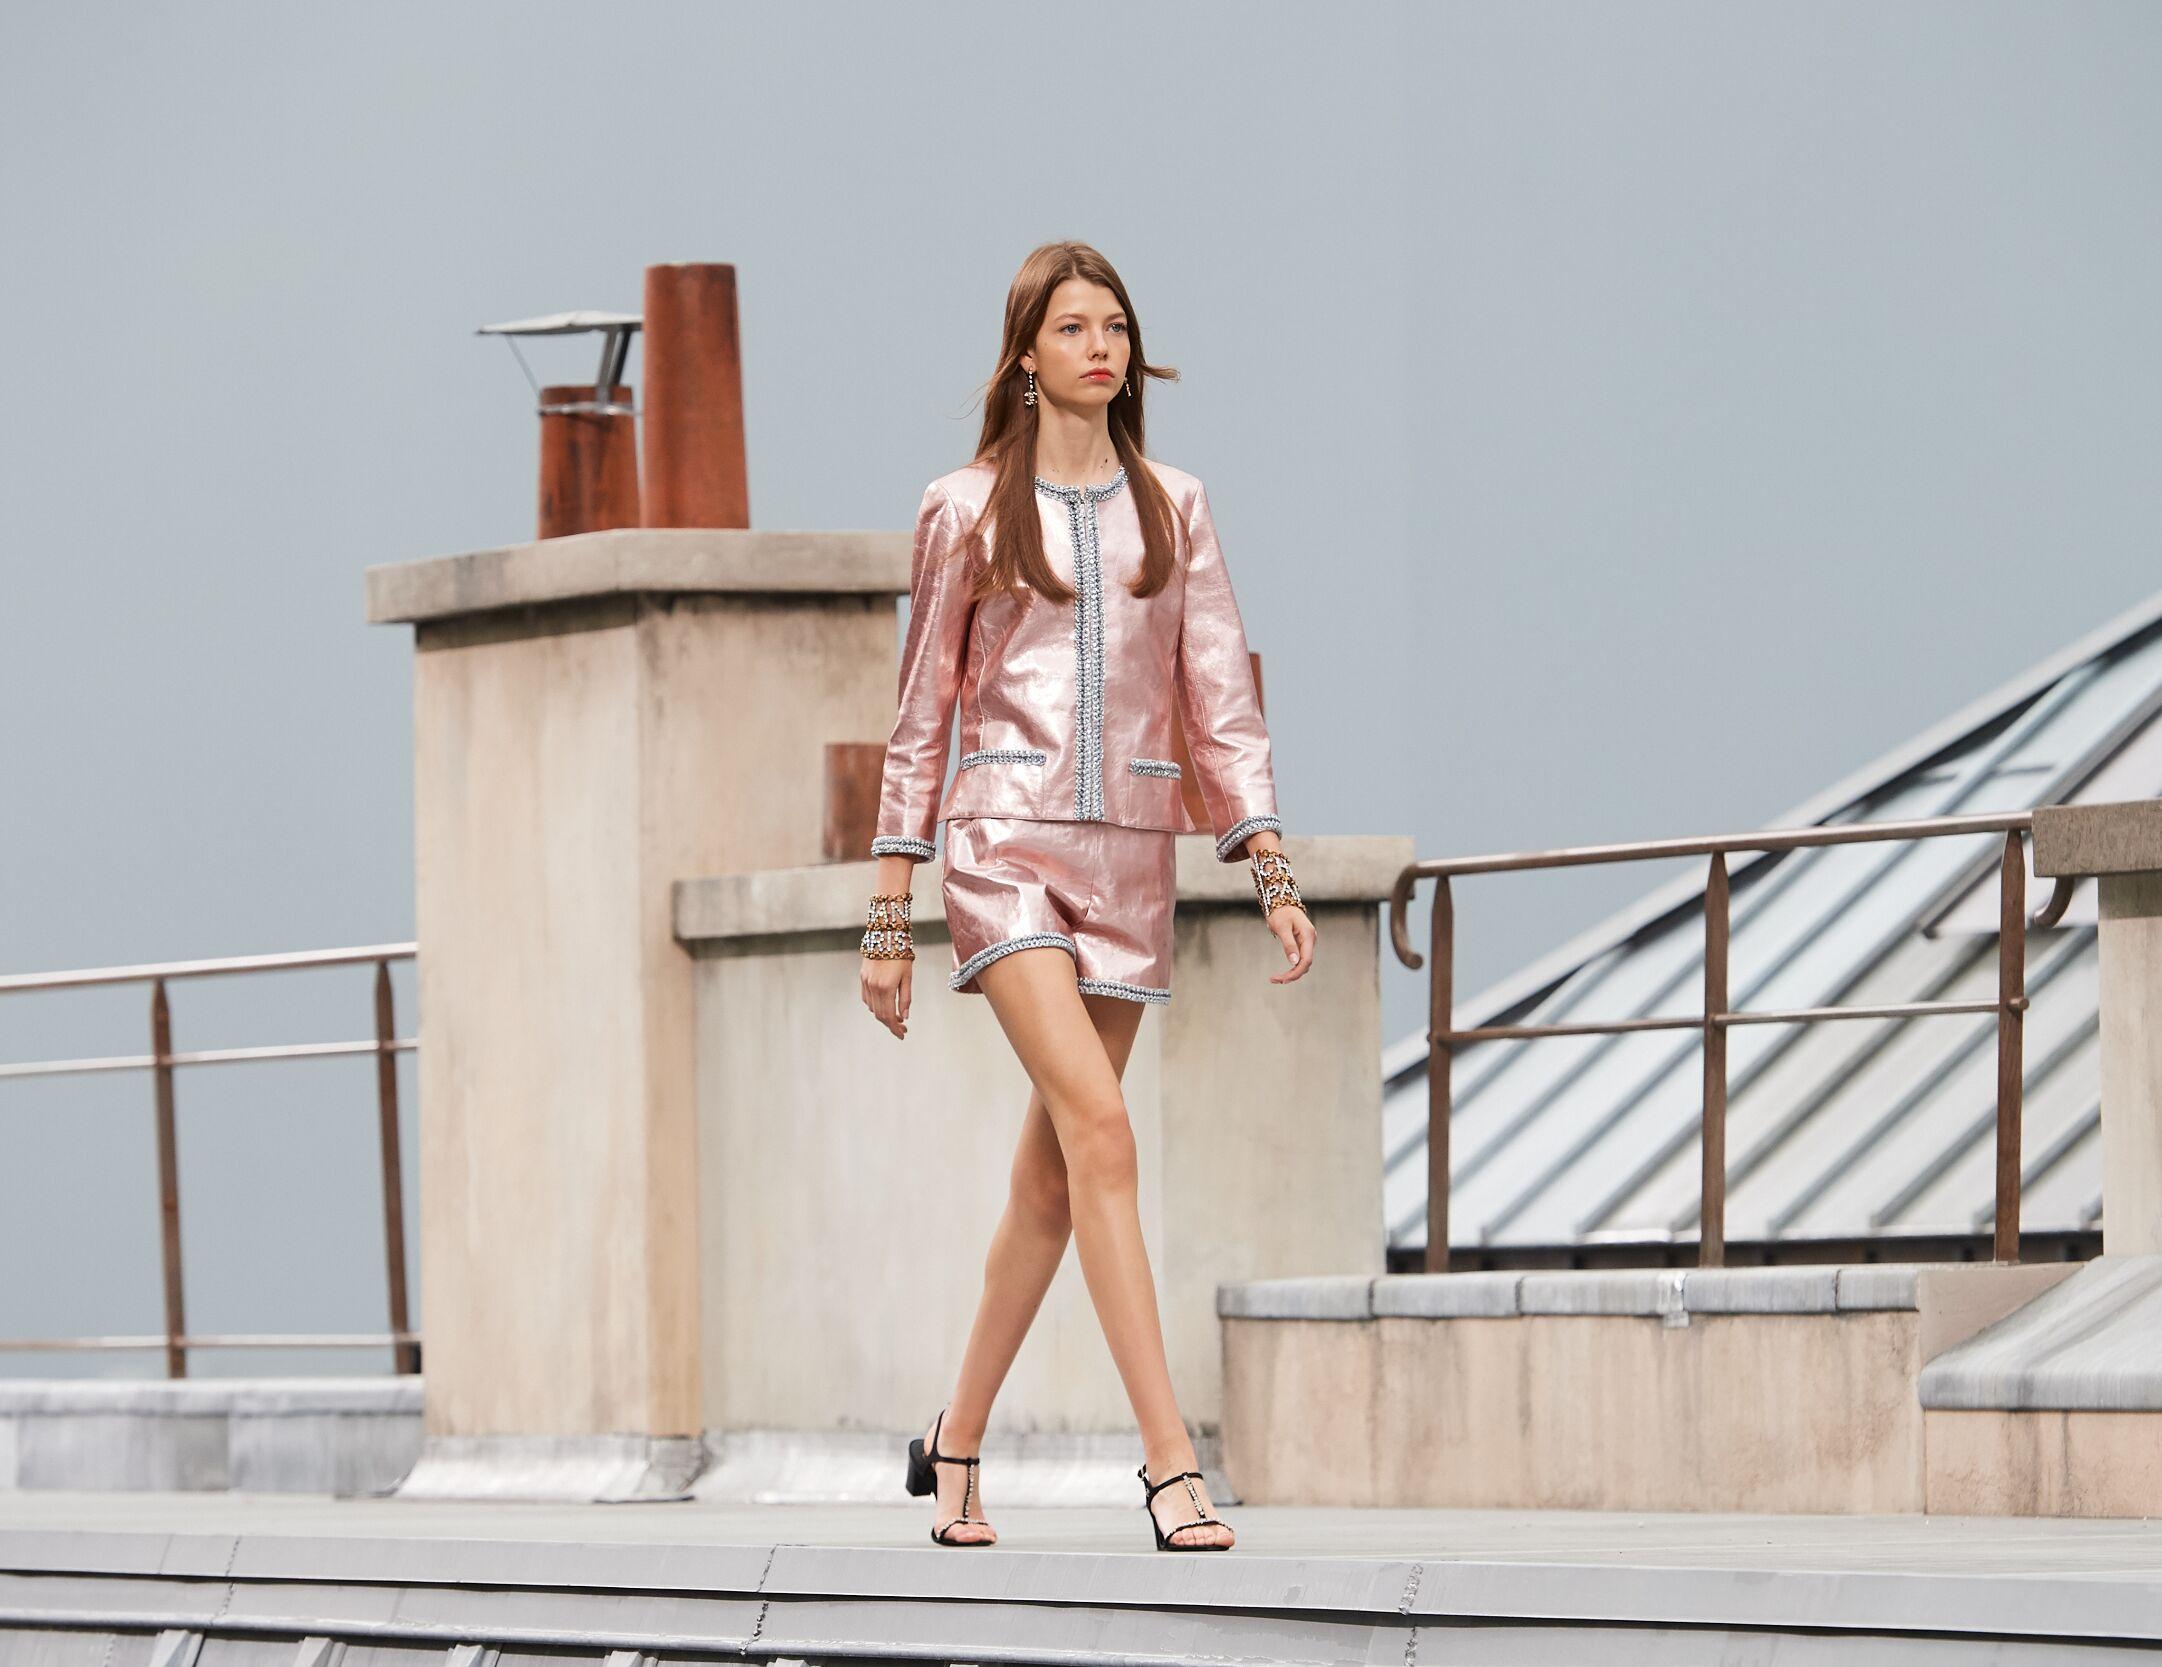 Woman SS 2020 Chanel Show Paris Fashion Week